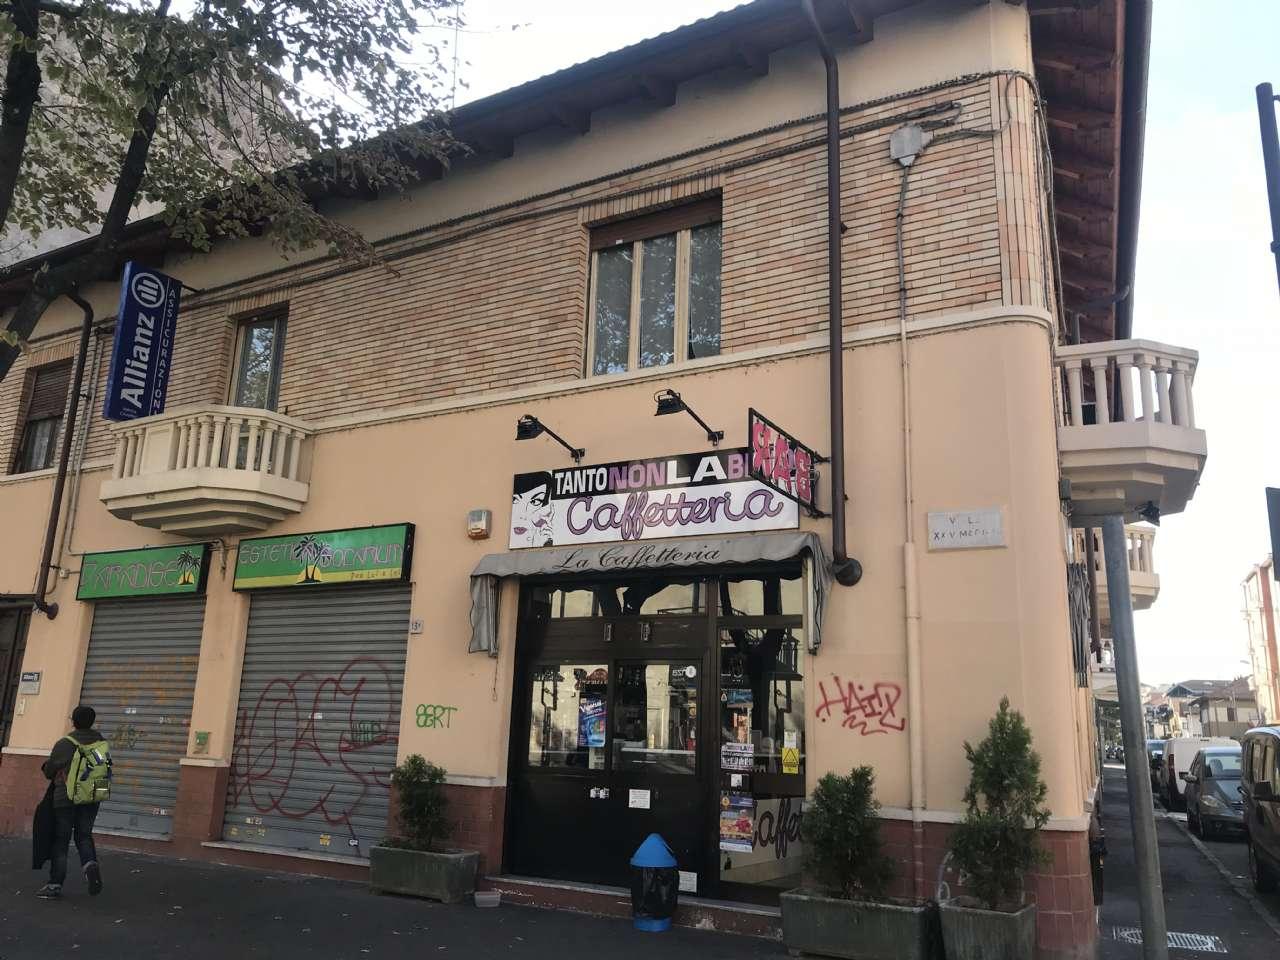 Locale commerciale in Vendita a Collegno